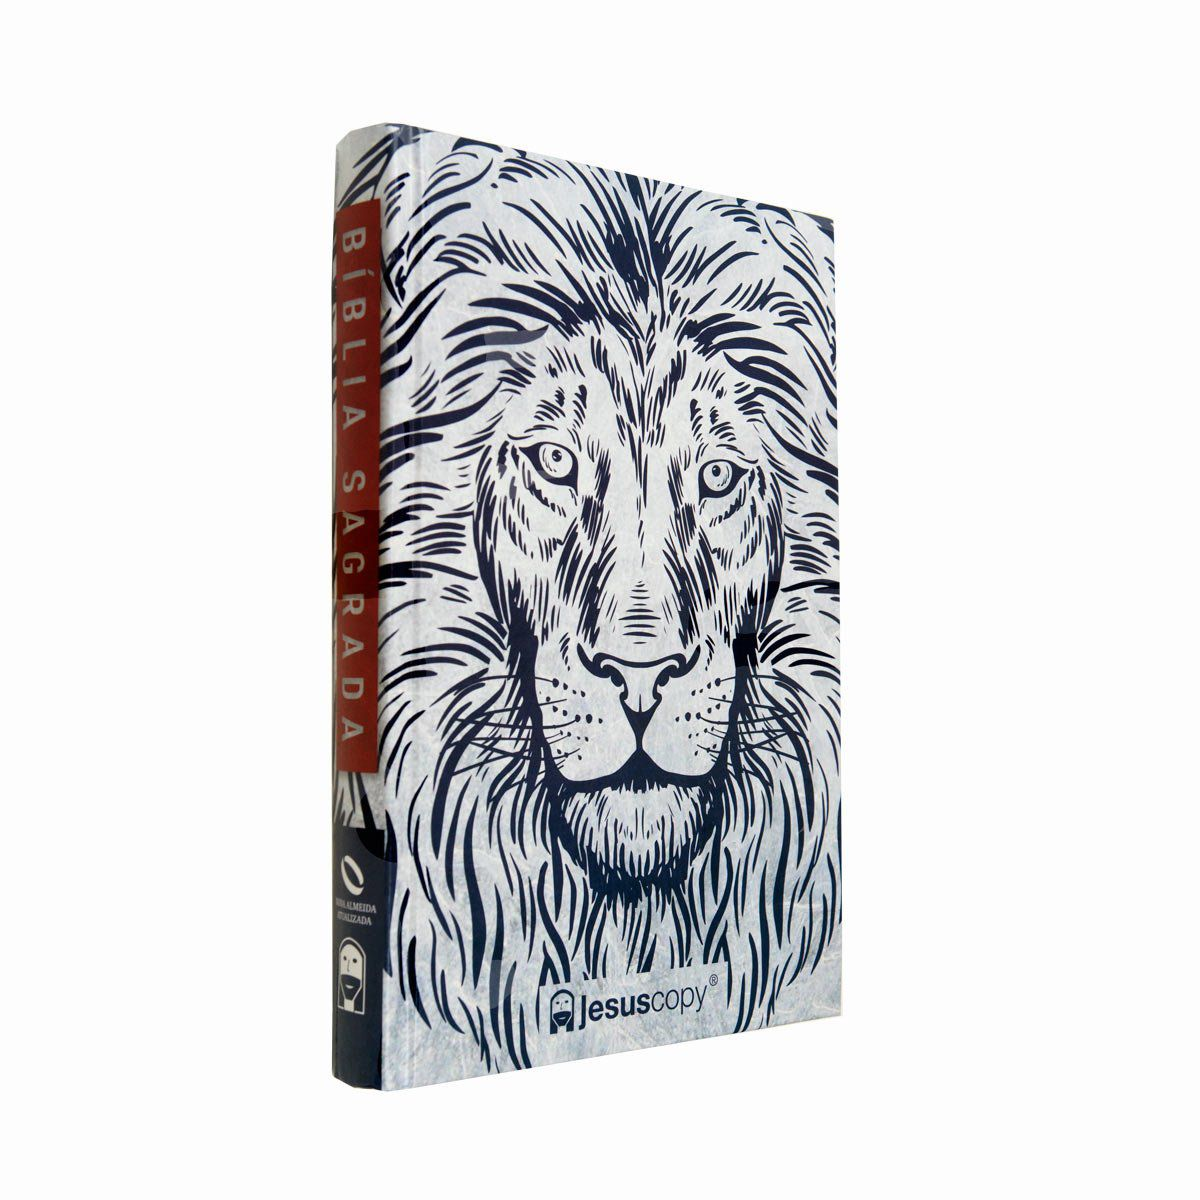 Bíblia Jesuscopy Leão Branco - Capa dura - NAA  - Jesuscopy